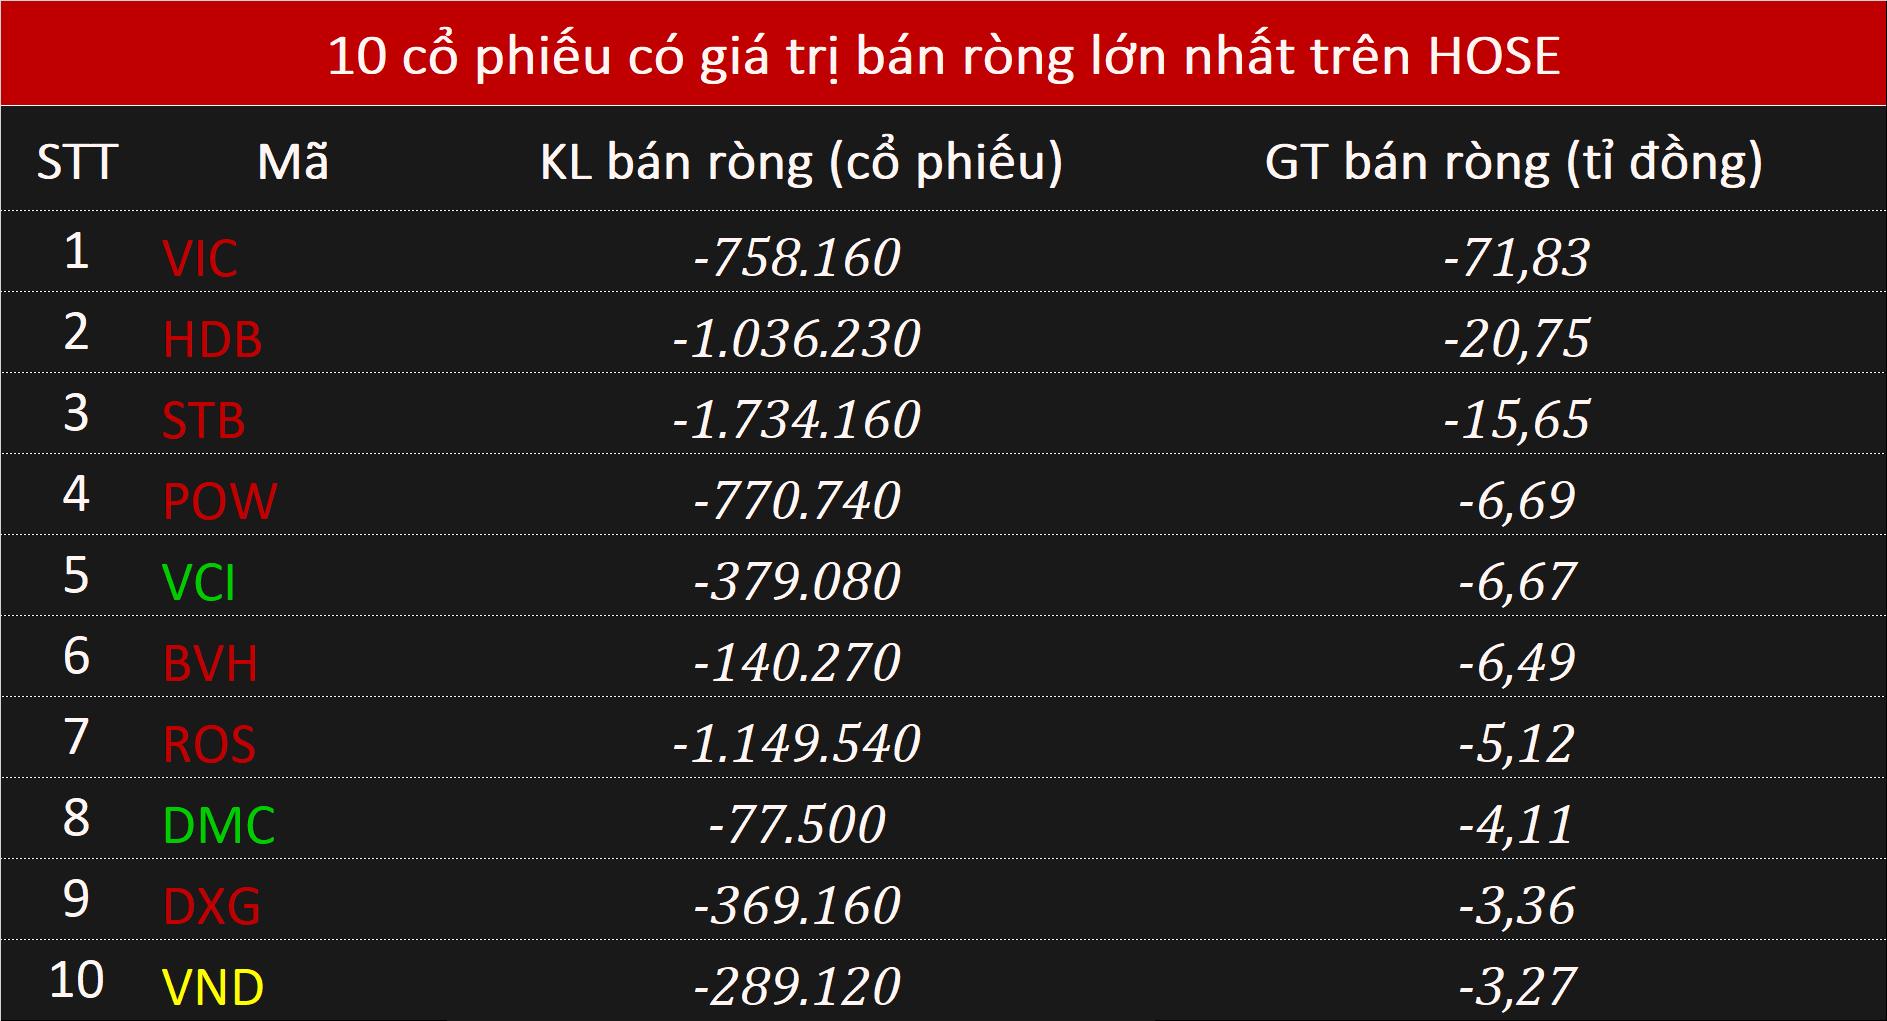 Khối ngoại xả 112 tỉ đồng toàn thị trường, đà bán ròng suy giảm trên HOSE - Ảnh 1.